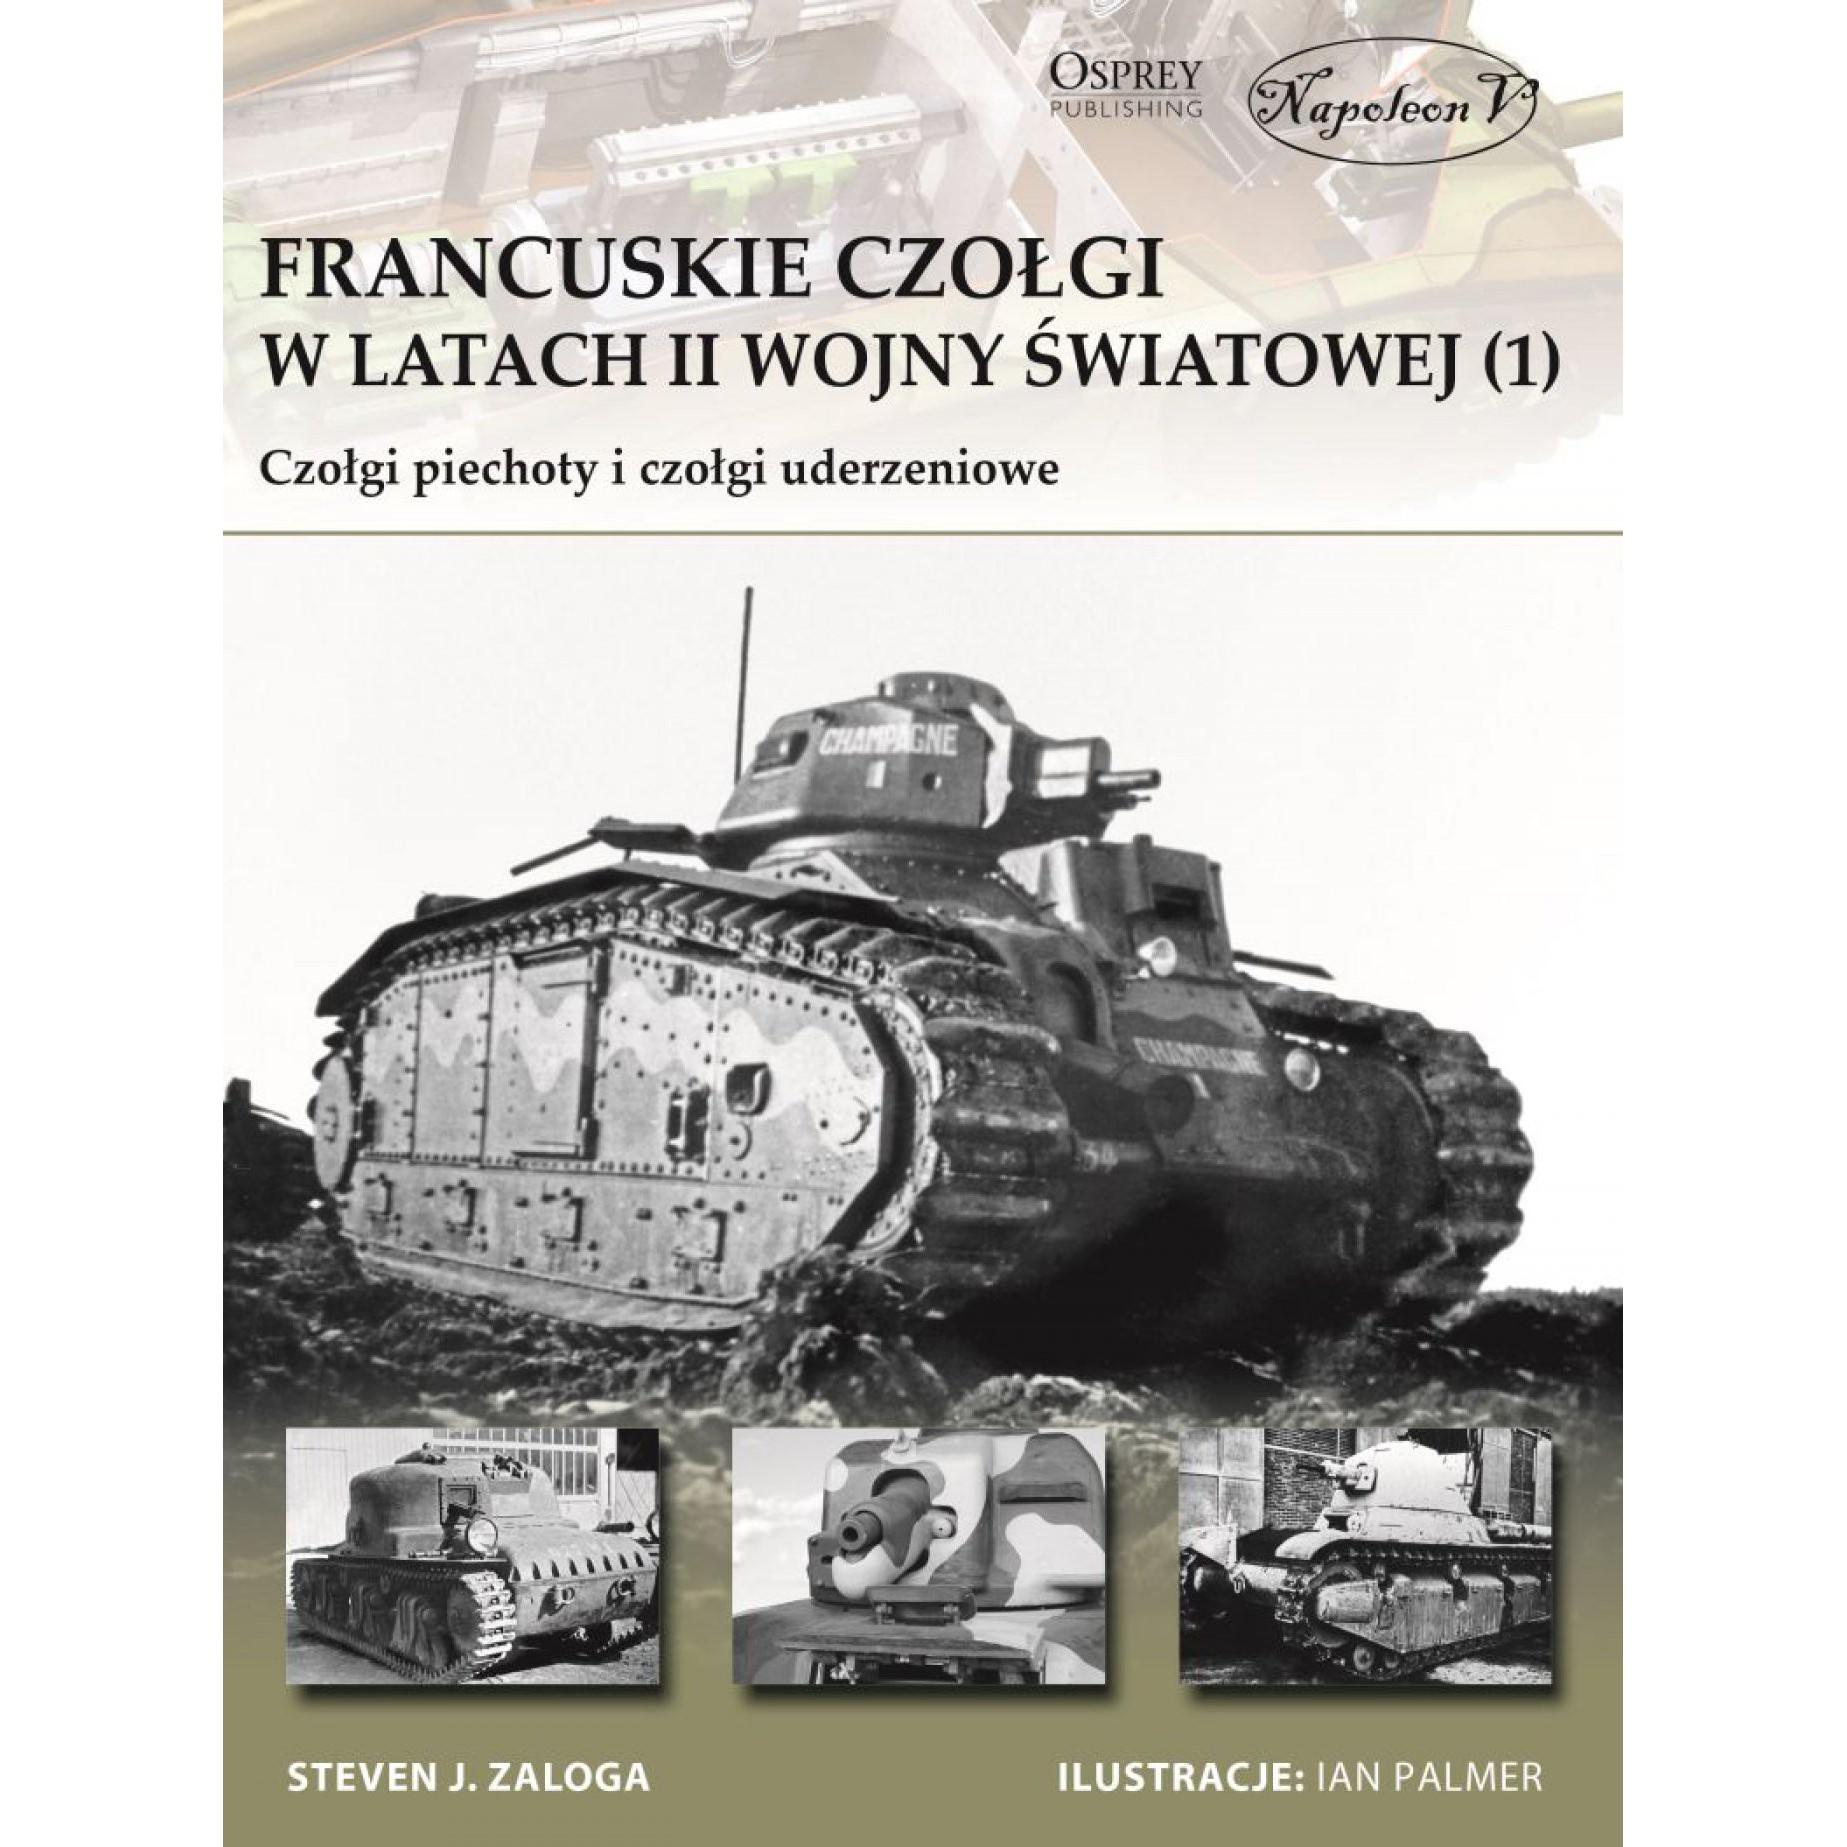 Francuskie czołgi w latach II wojny światowej. Część I Czołgi piechoty i czołgi uderzeniowe